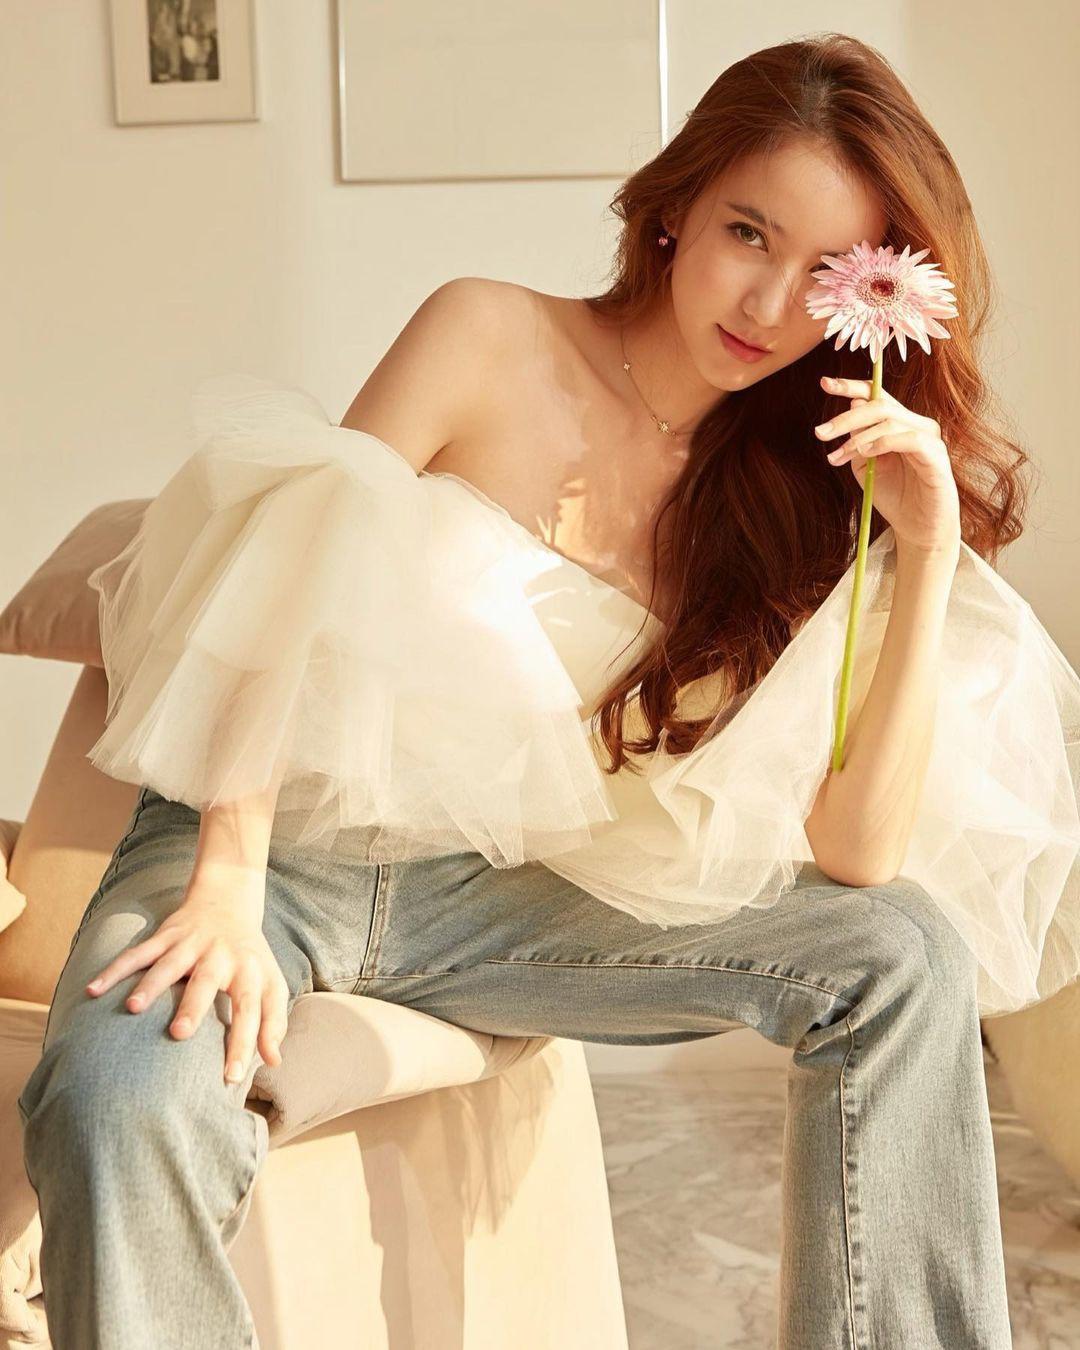 Hoa hậu Chuyển giới Thái Lan đẹp xuất sắc ở tuổi 24 - Ảnh 4.